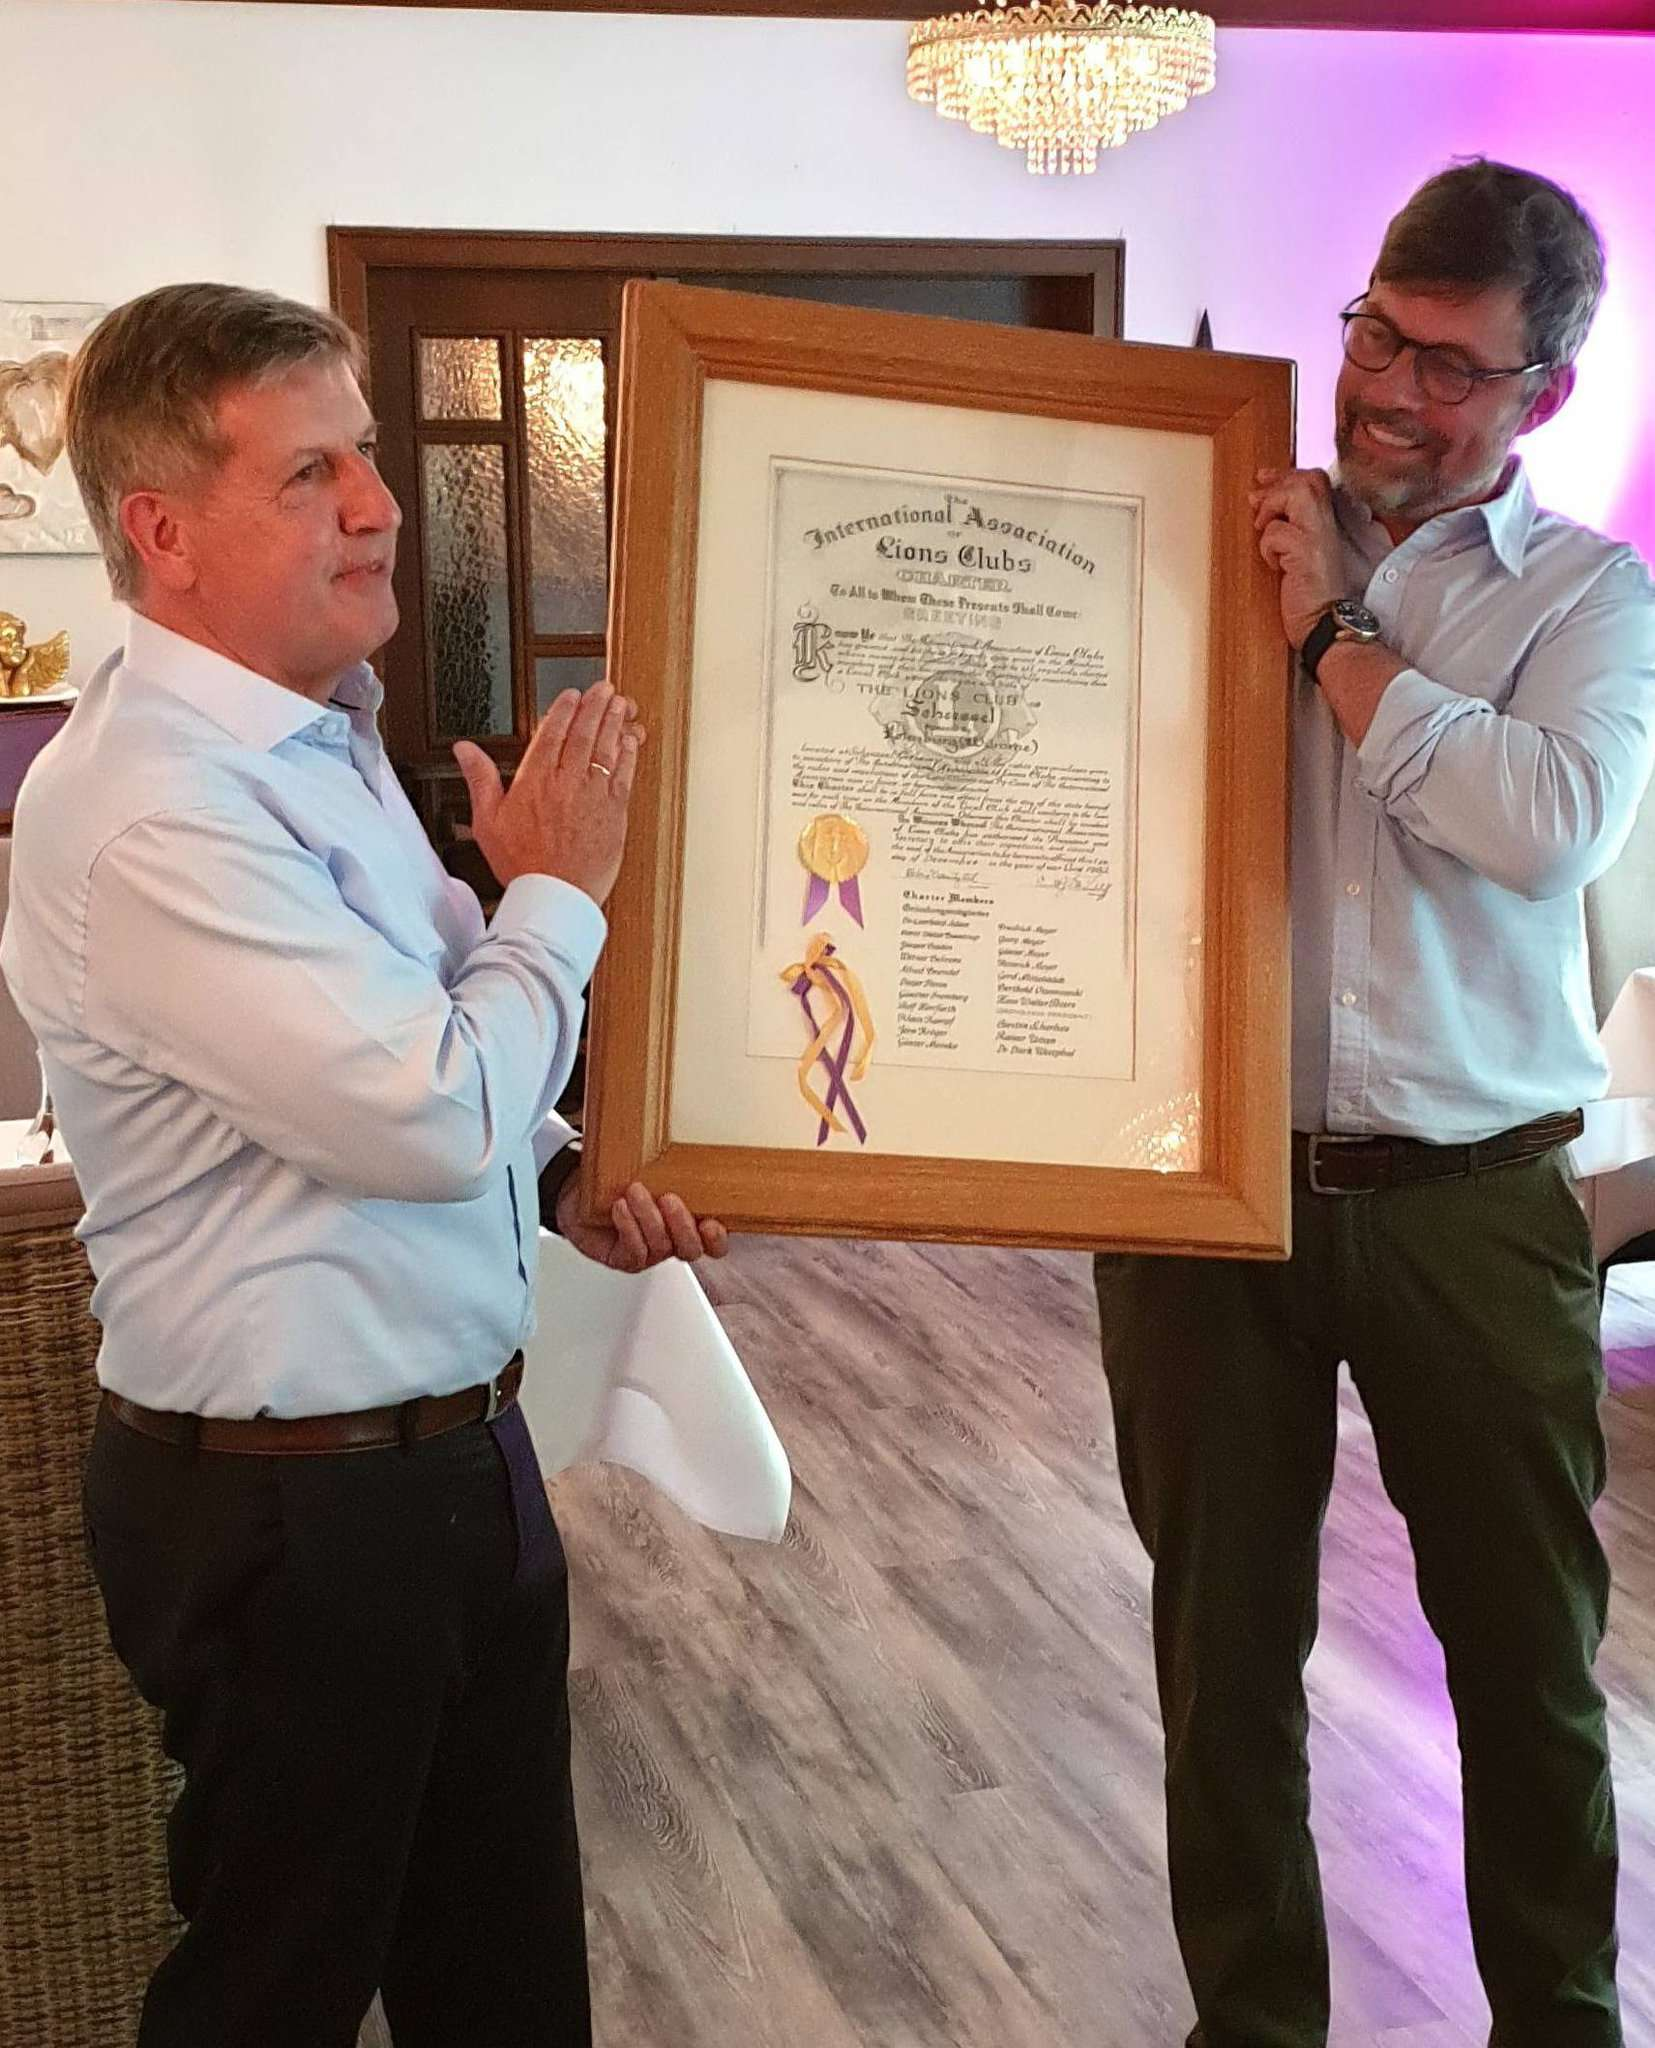 Der scheidende Präsident Jan Gerlach (rechts) übergibt die Scheeßeler Lions-Charterurkunde an seinen Nachfolger Rainer Windler.